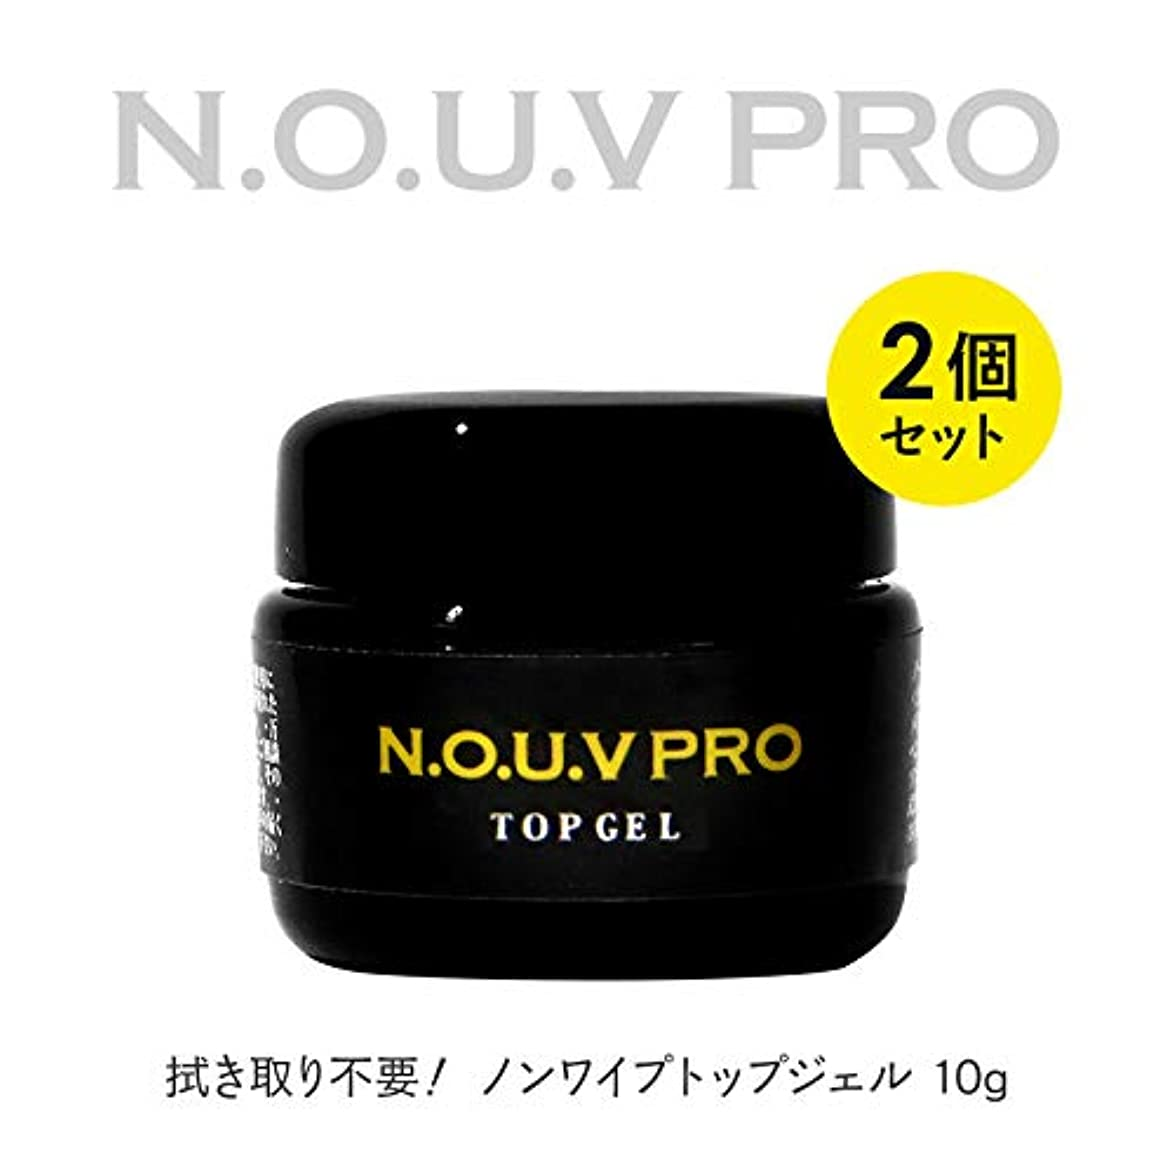 スパン息を切らしてまっすぐにするNOUV PRO(ノーヴプロ)ノンワイプクリアトップジェル 10g×2個セット